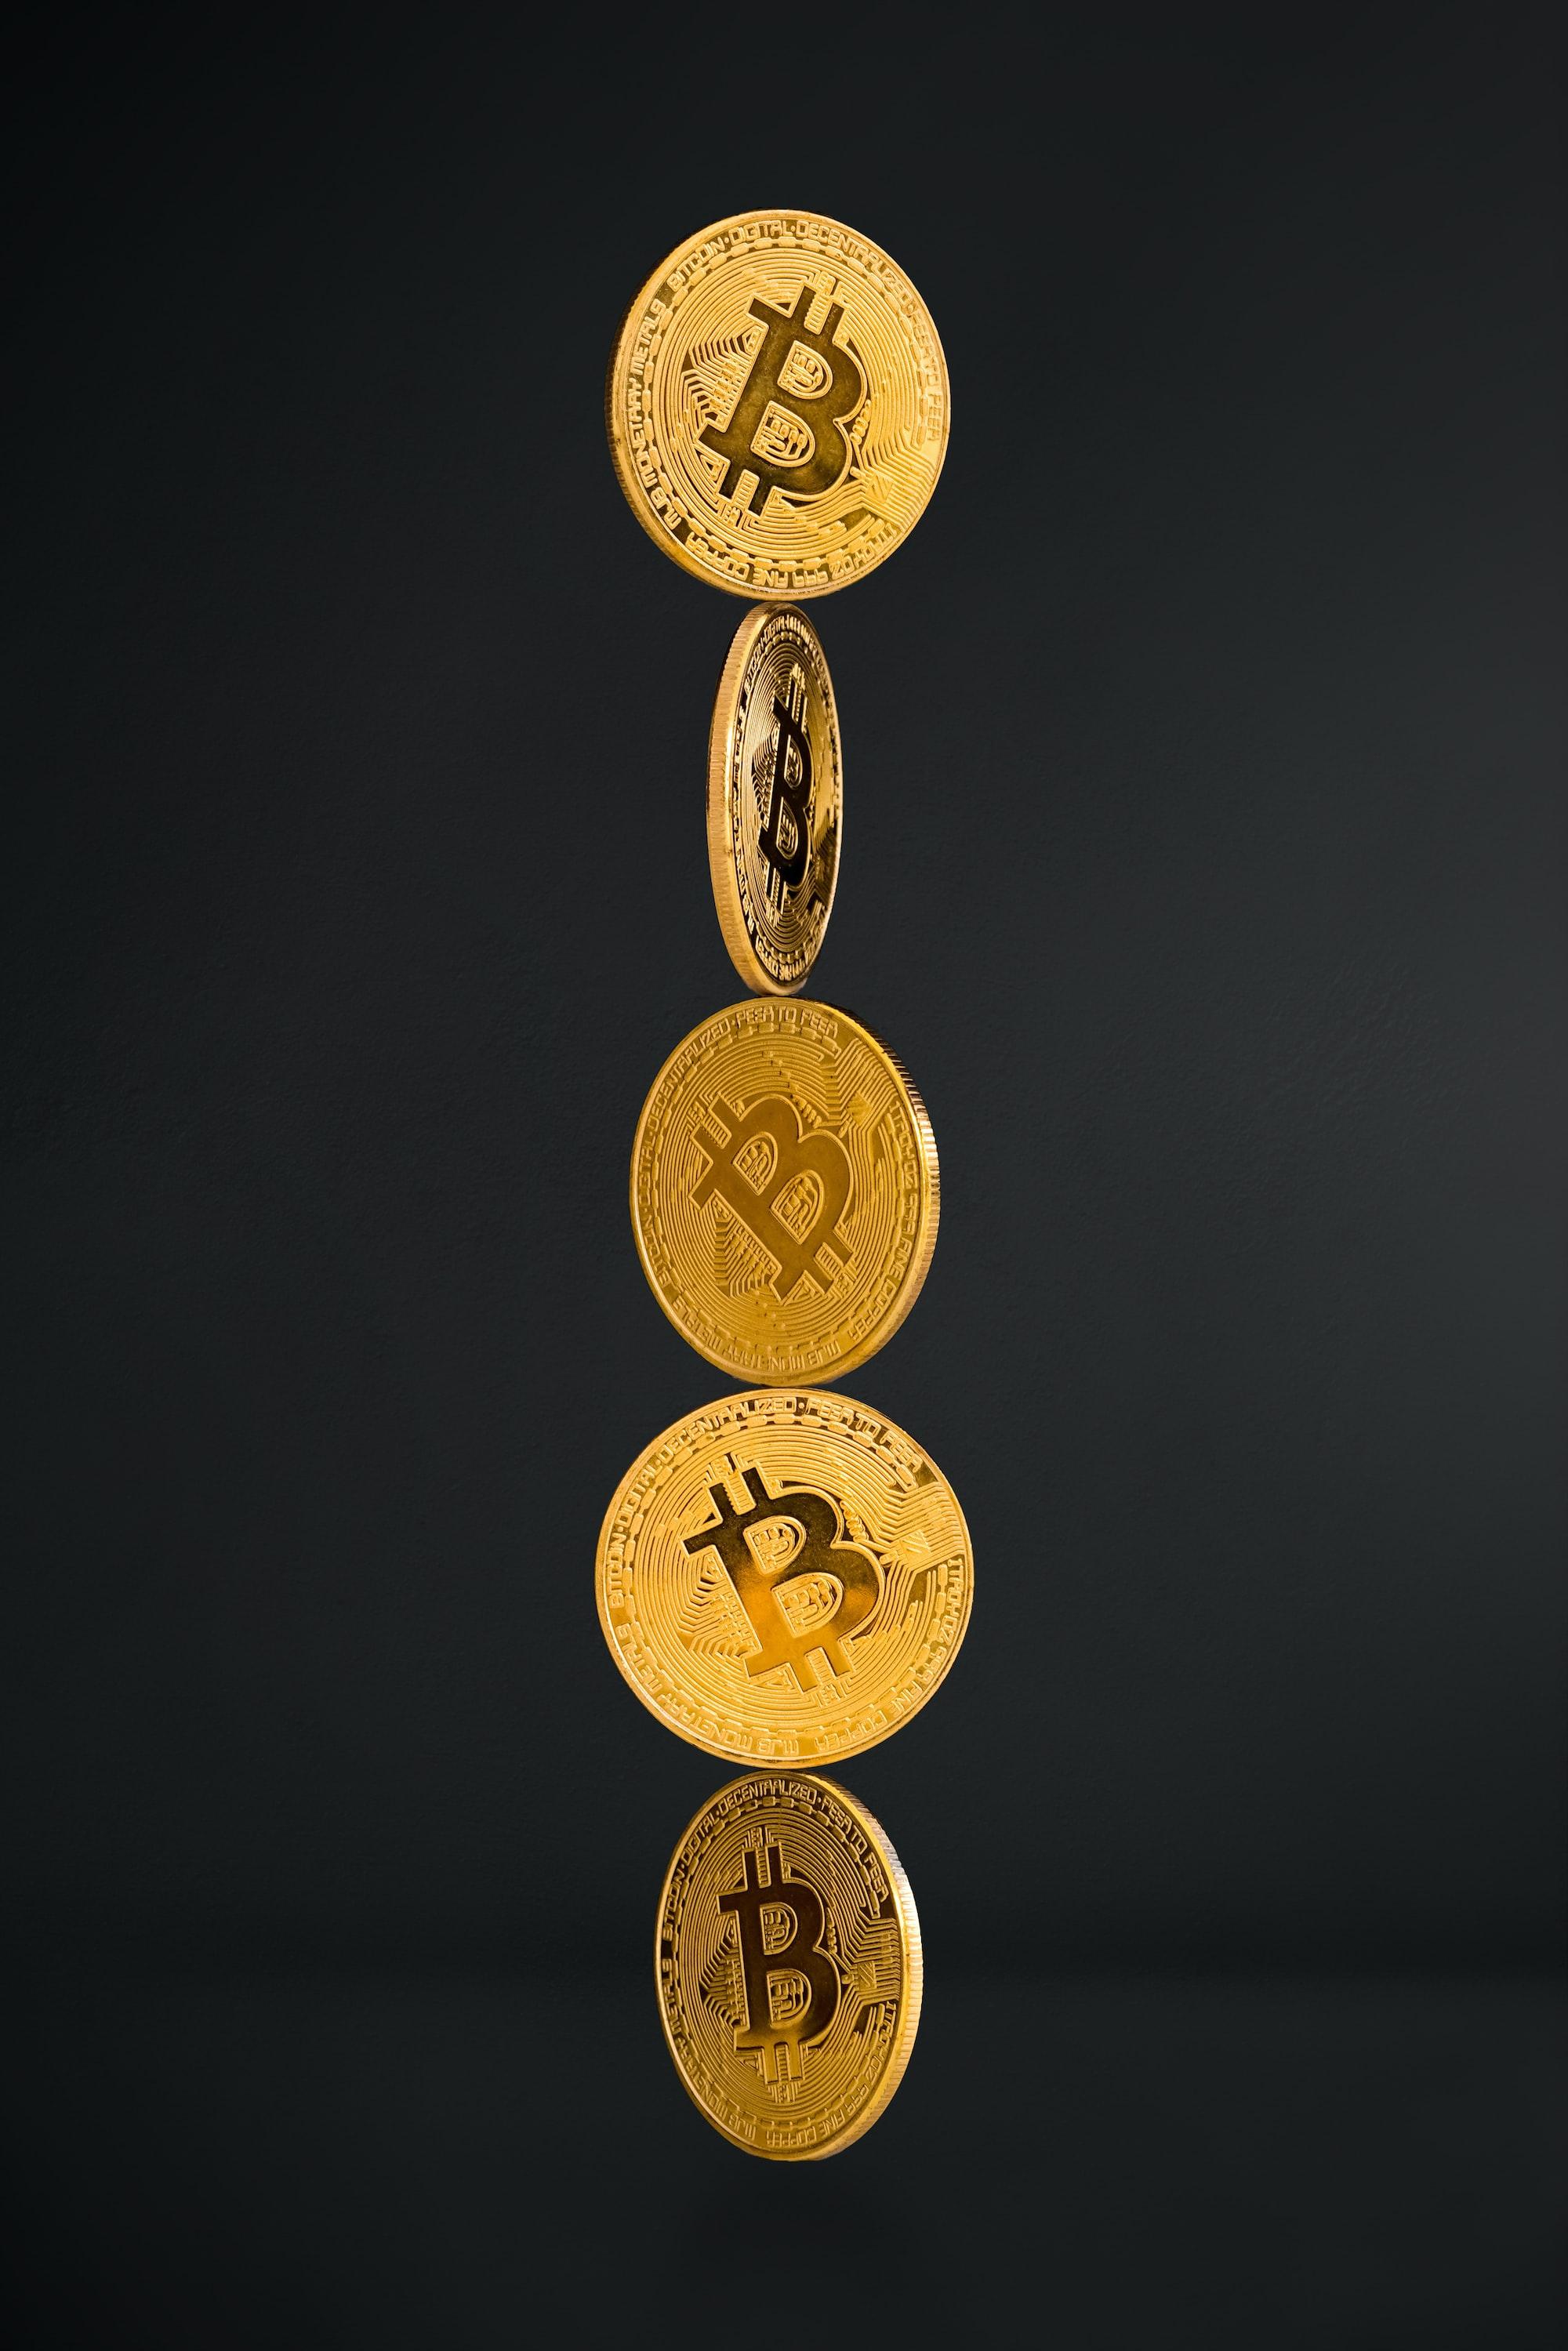 """Grams kurucusu, 16 milyar dolar değerinde """"kara bitcoin"""" aklamaktan suçlu bulundu"""